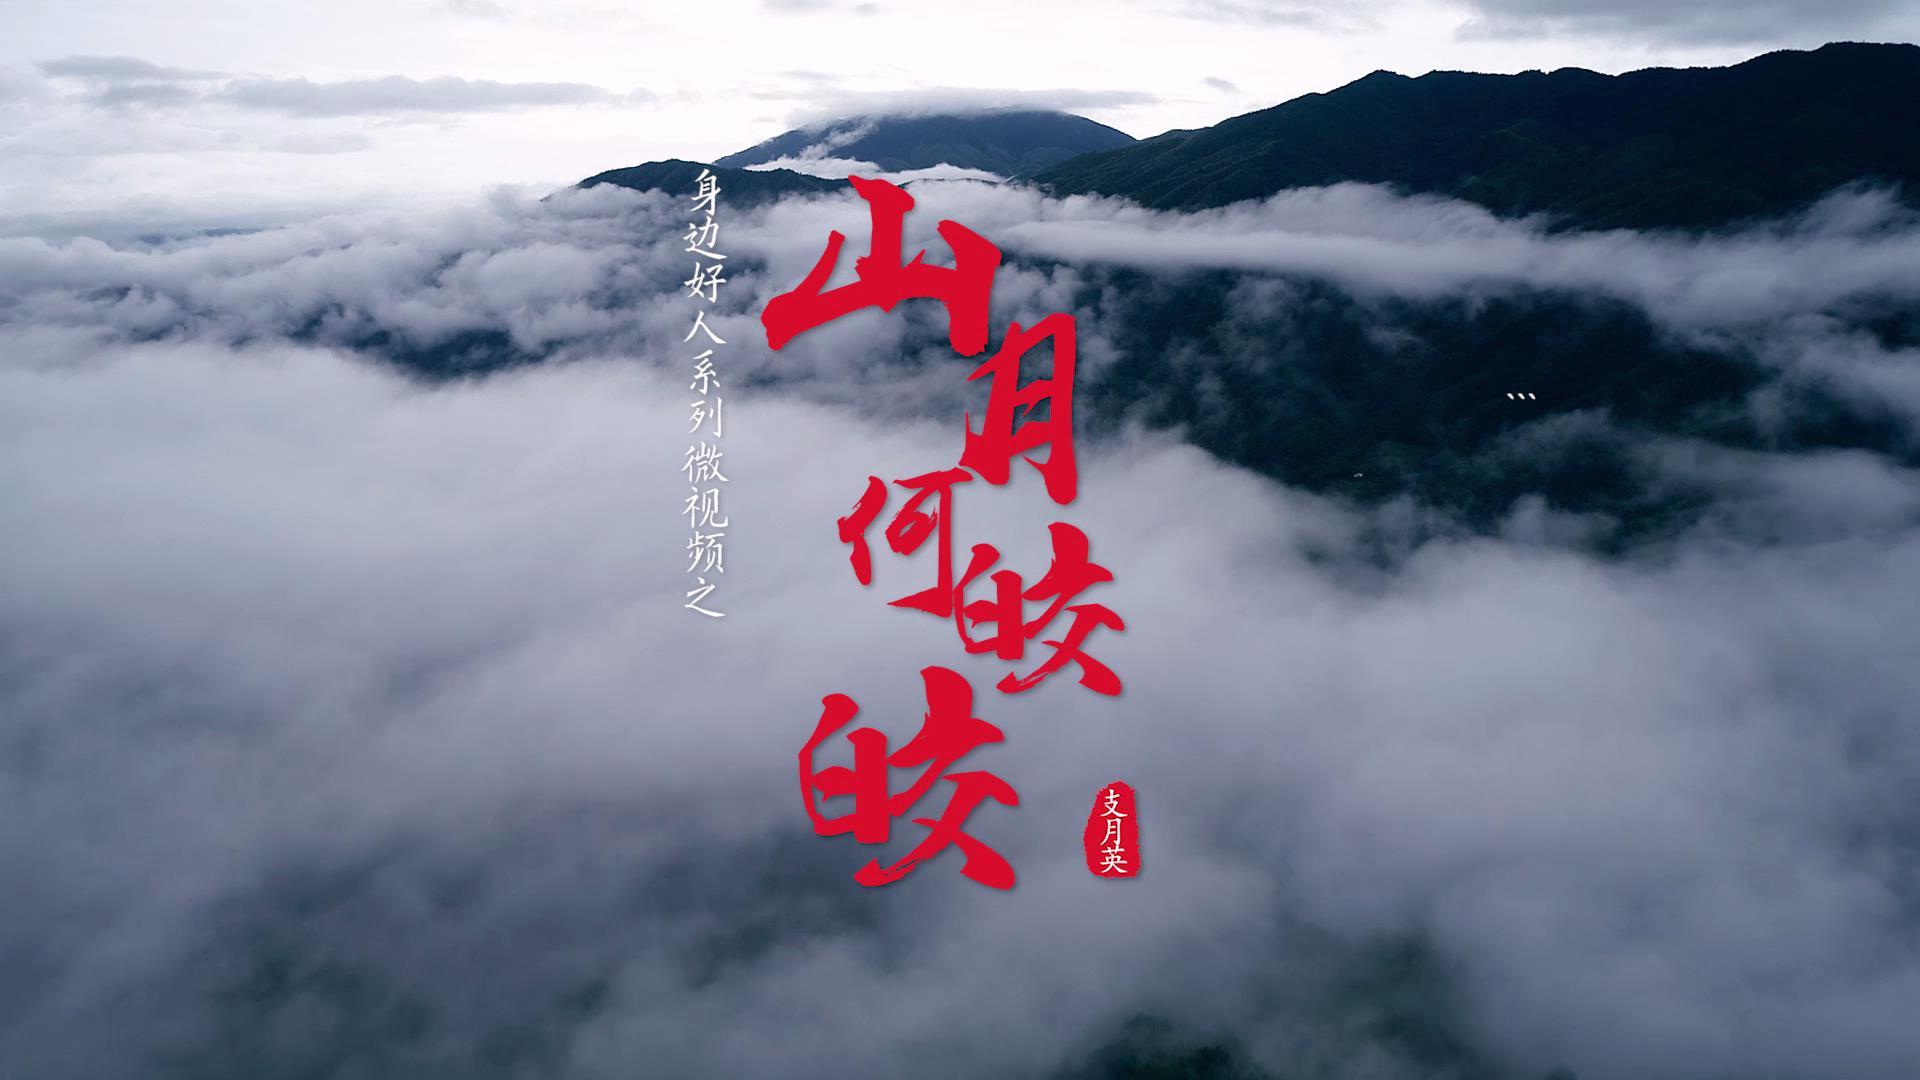 山月何立刻皎皎[00_00_09][20190718-085209].jpg